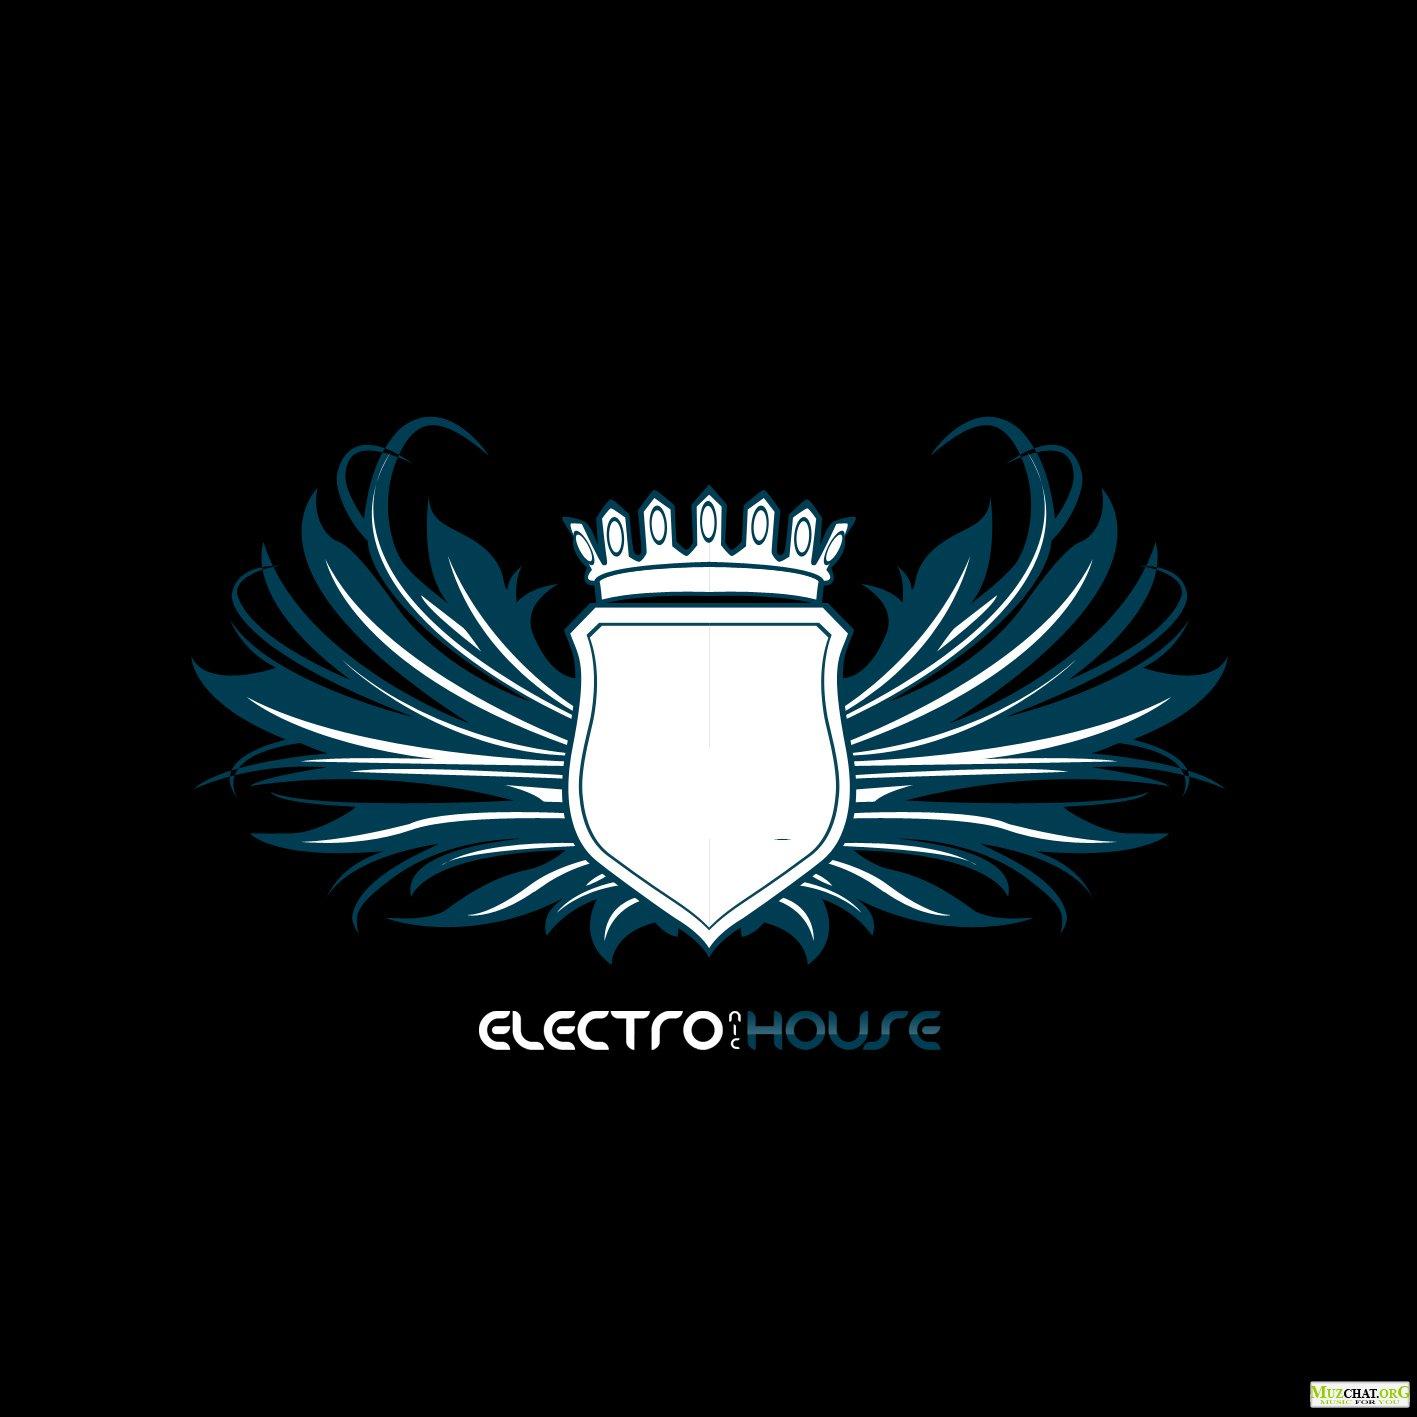 http://4.bp.blogspot.com/_xntmiXGq2pE/TIN75Qa9y4I/AAAAAAAAAVQ/dFSCLmIP33c/s1600/1240472589_electro-house.jpg